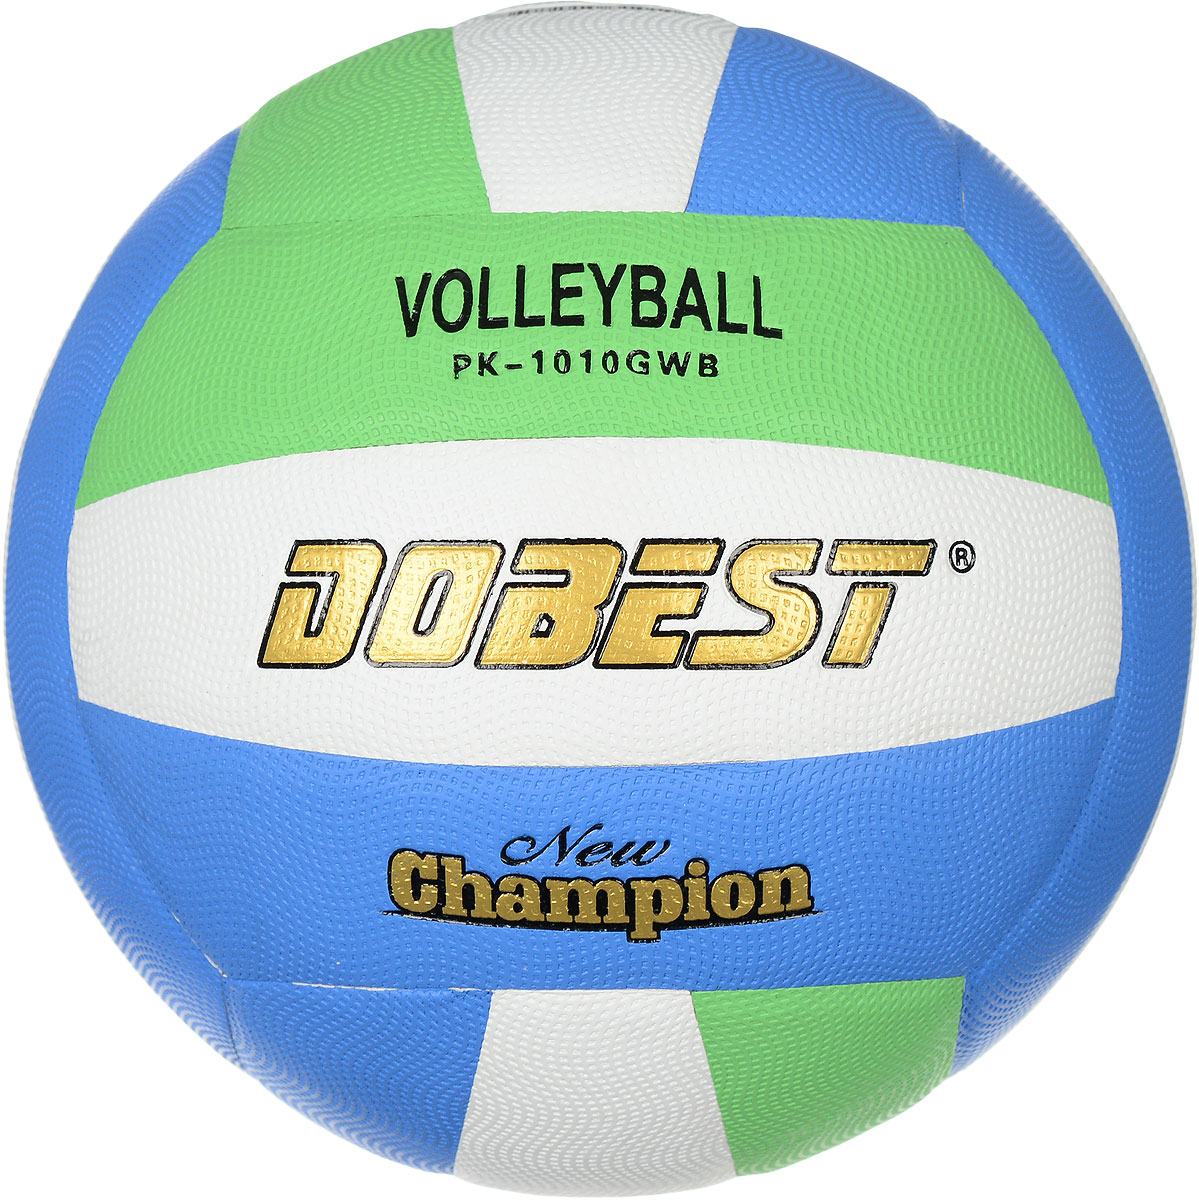 Мяч волейбольный Dobest, цвет: белый, синий, зеленый. Размер 5PK-1010GWBВолейбольный мяч Dobest подойдет для любительской игры на улице и в зале. Изделие выполнено из высококачественной синтетической кожи и микрофибры, камера - резина. Панели клееные.Количество панелей: 18.Количество слоев: 4.Вес: 260-280 г.УВАЖЕМЫЕ КЛИЕНТЫ!Обращаем ваше внимание на тот факт, что мяч поставляется в сдутом виде. Насос не входит в комплект.